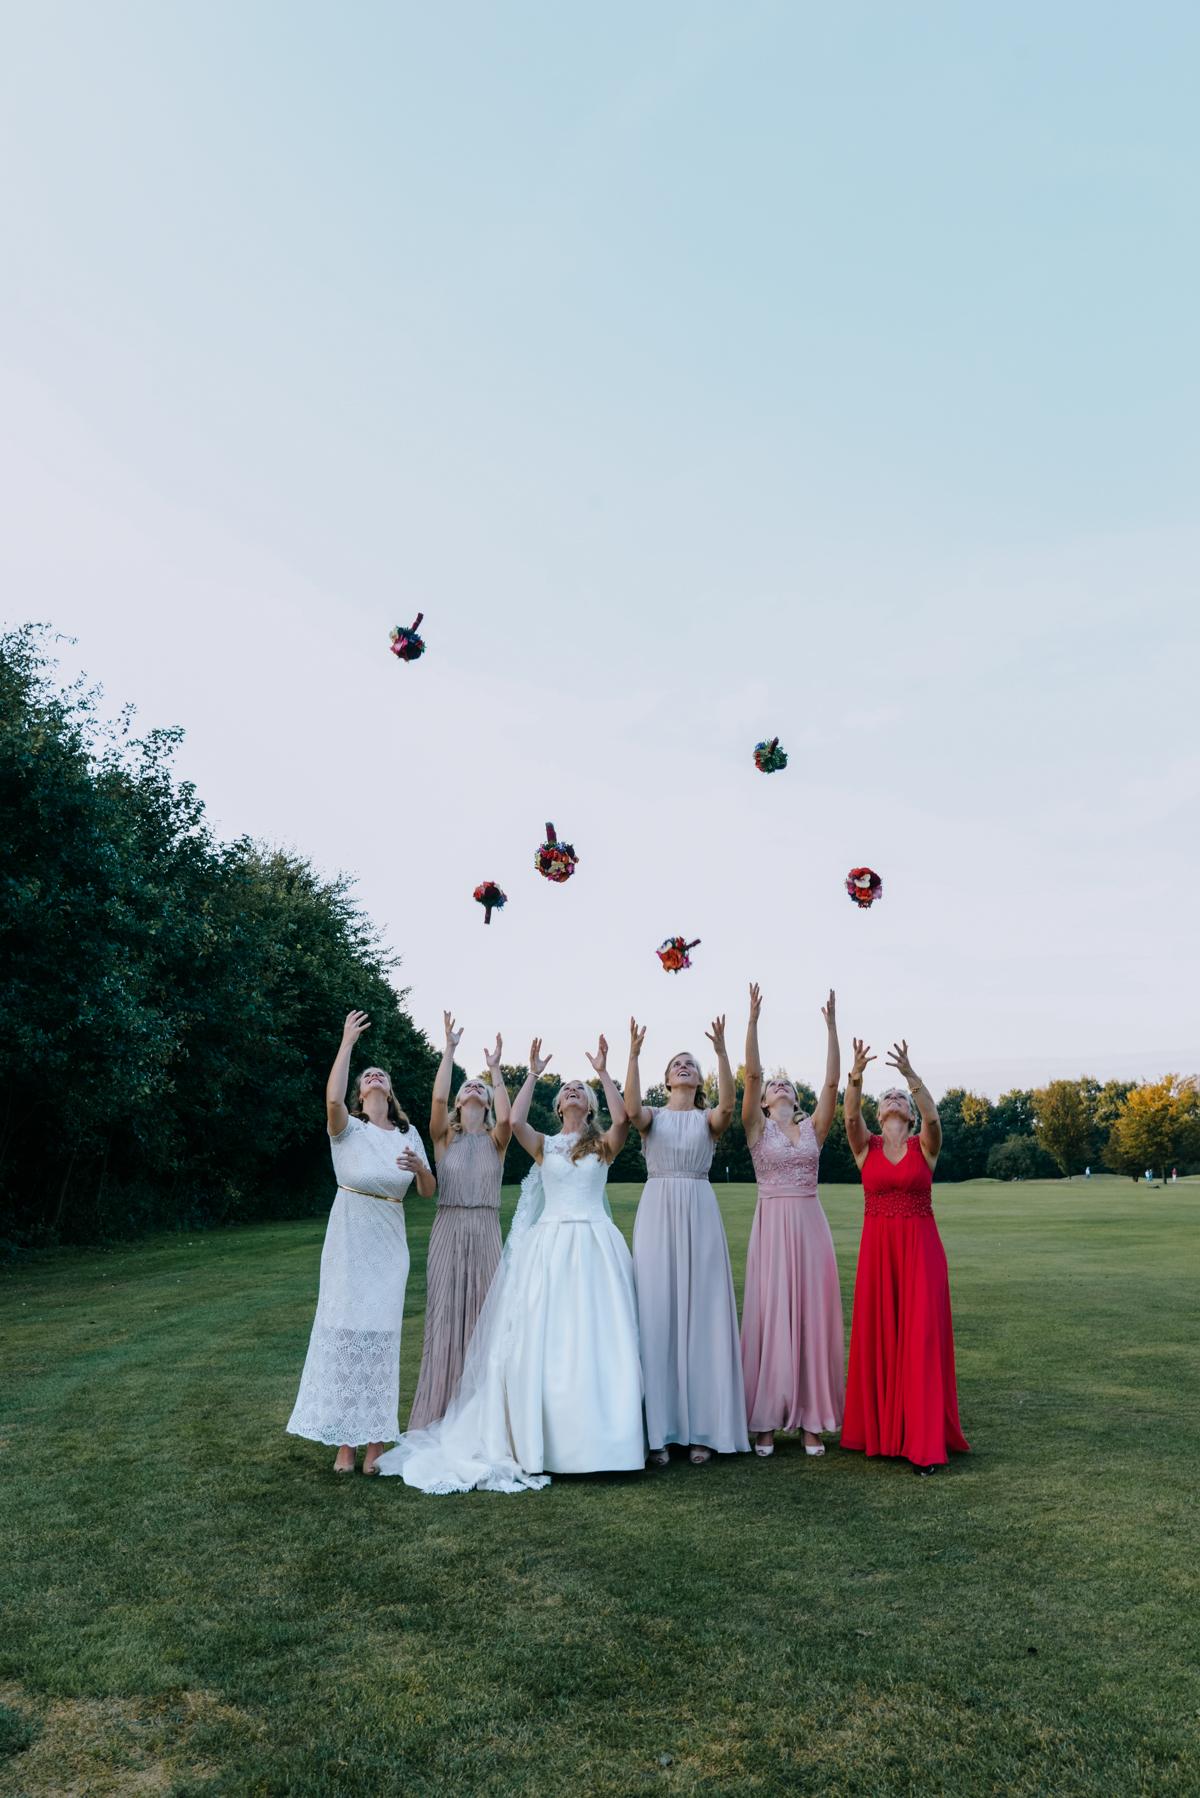 witzige Gruppenfotos Hochzeit mit Trauzeugen